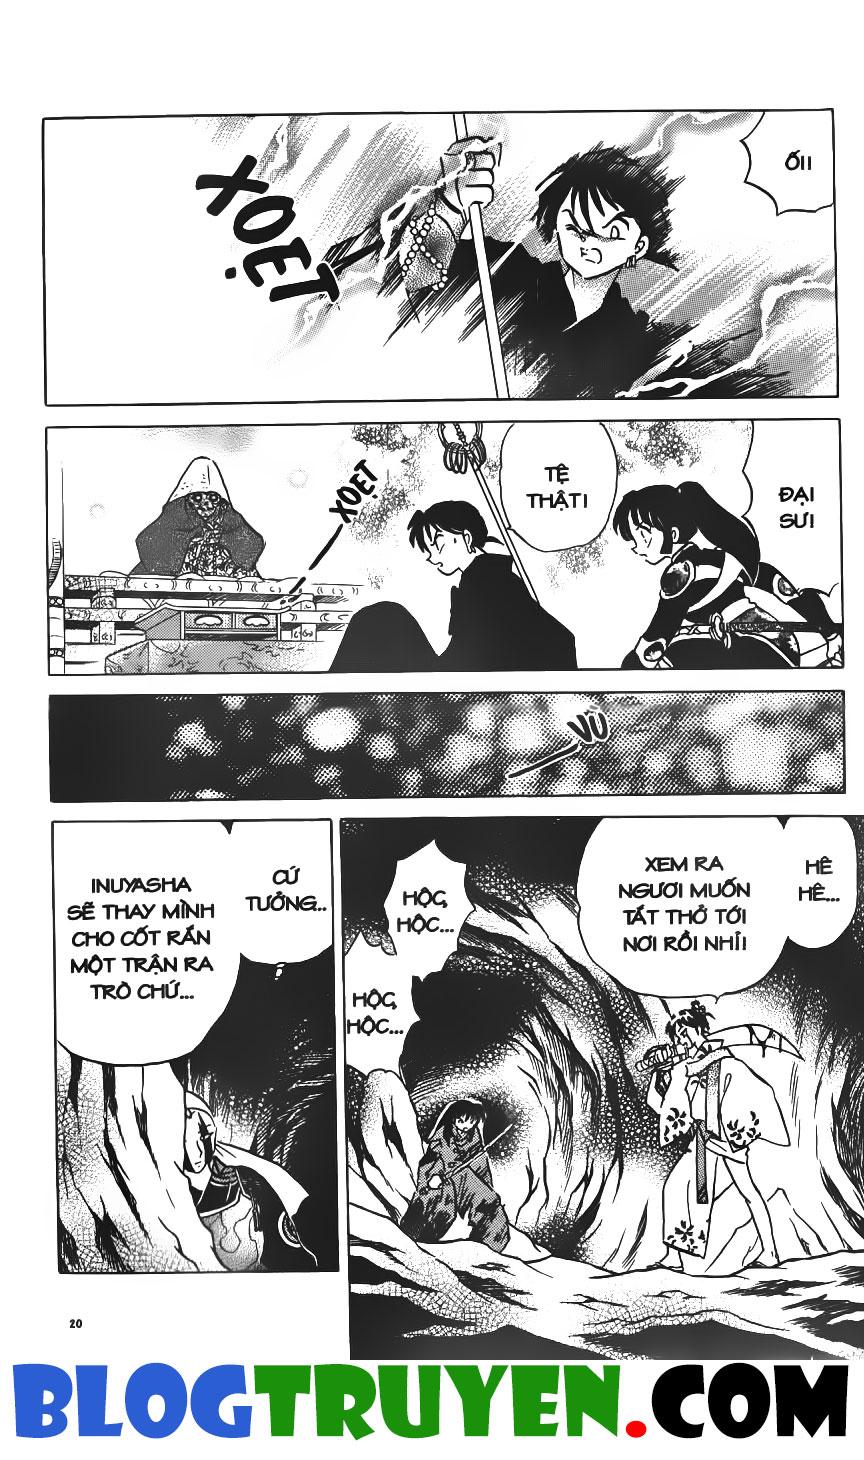 Inuyasha vol 28.1 trang 18